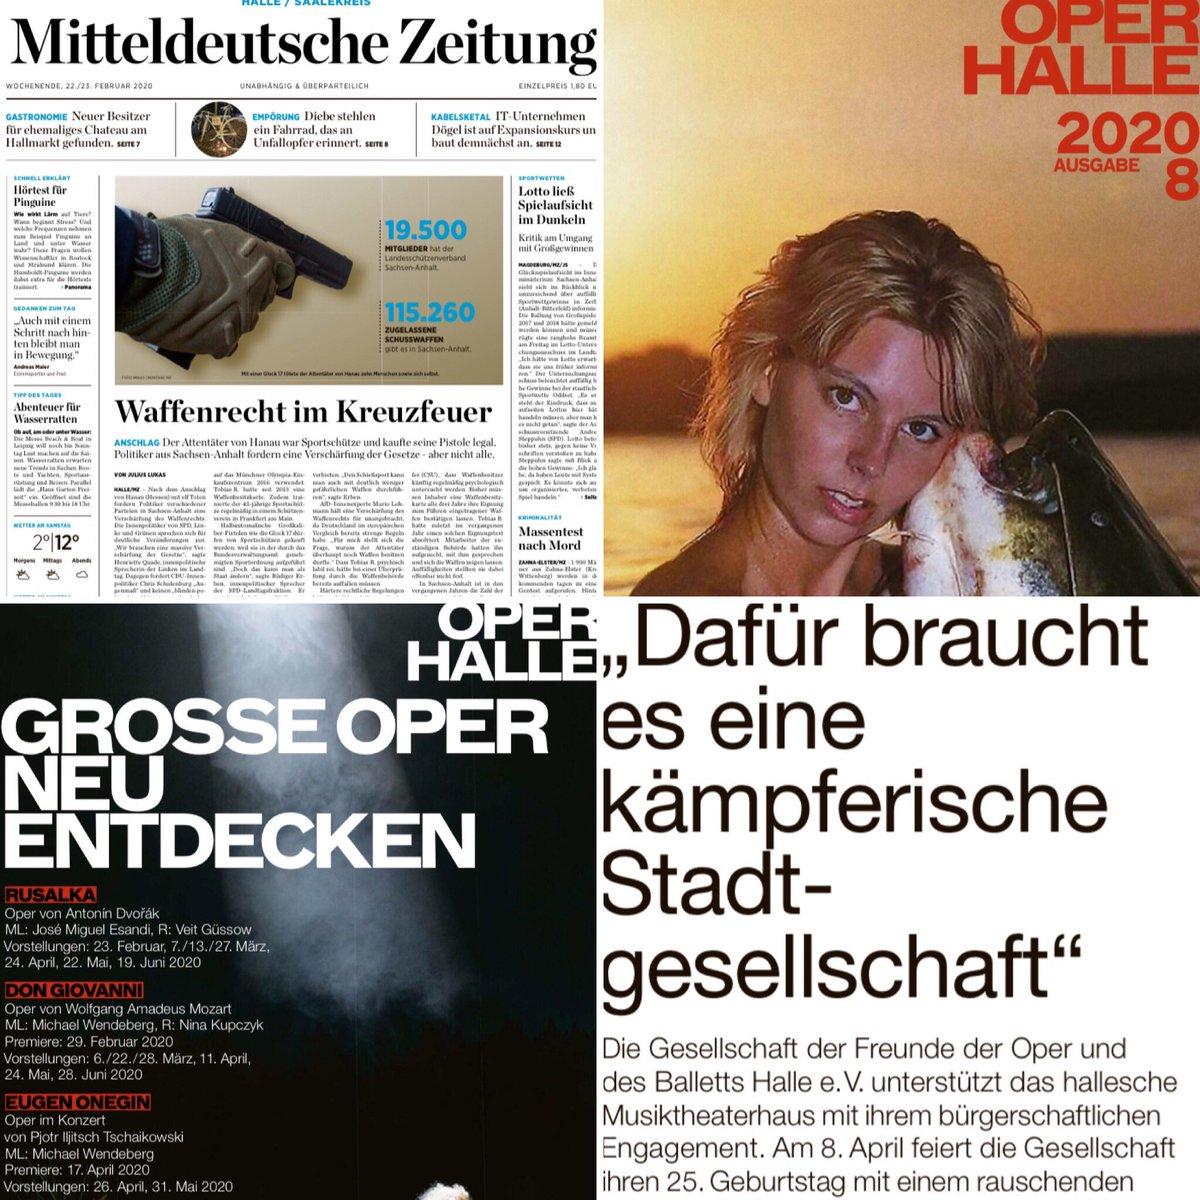 Für kulturinteressierte Leser  lohnt sich an diesem Wochenende die Lektüre der #MitteldeutscheZeitung ganz besonders. Heute in der Ausgabe #Halle beigelegt, die 8. Ausgabe des Programms der @OperHalle. Erinnert grafisch ein wenig an das stilprägende #jetzt-Magazin.